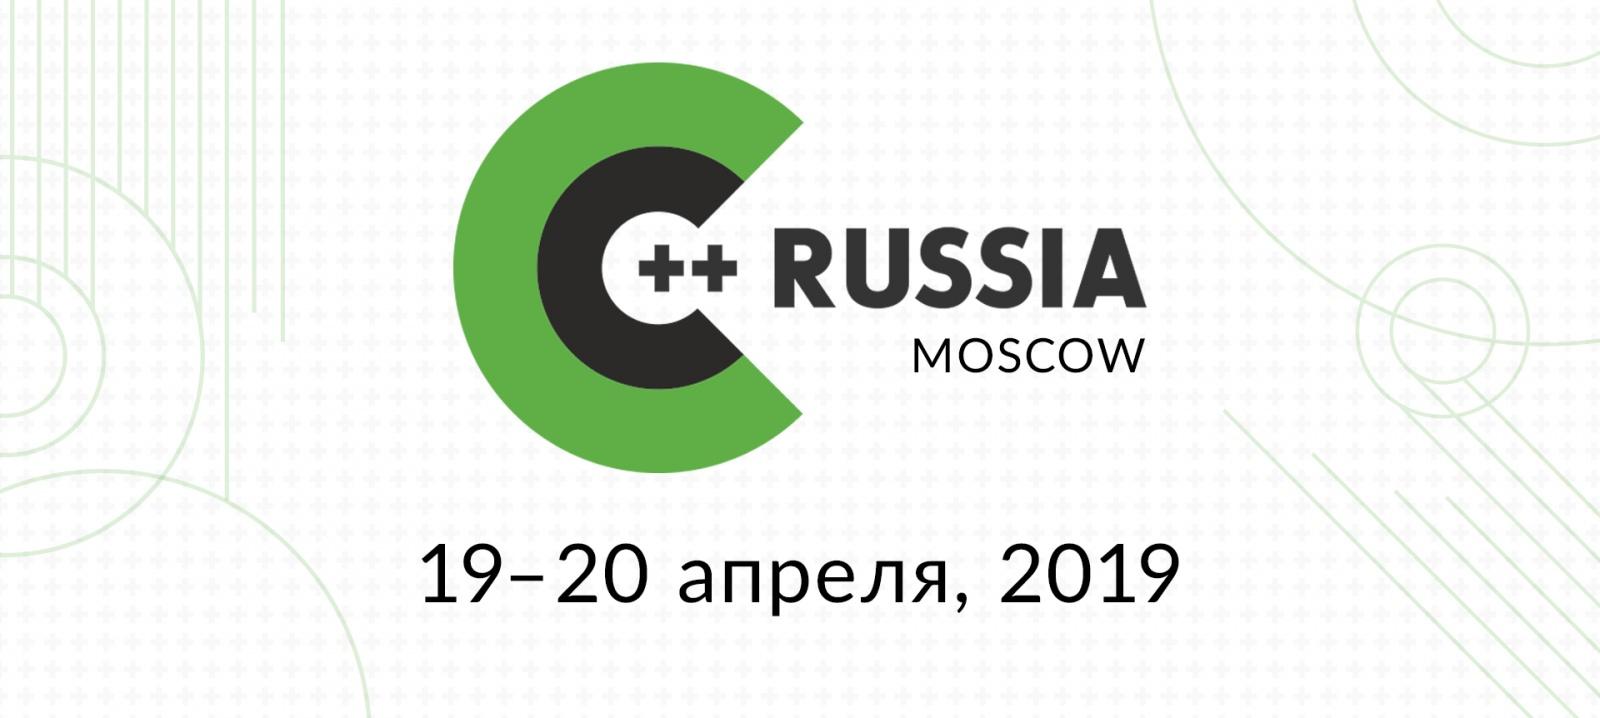 Конференция C++ Russia 2019 - 1